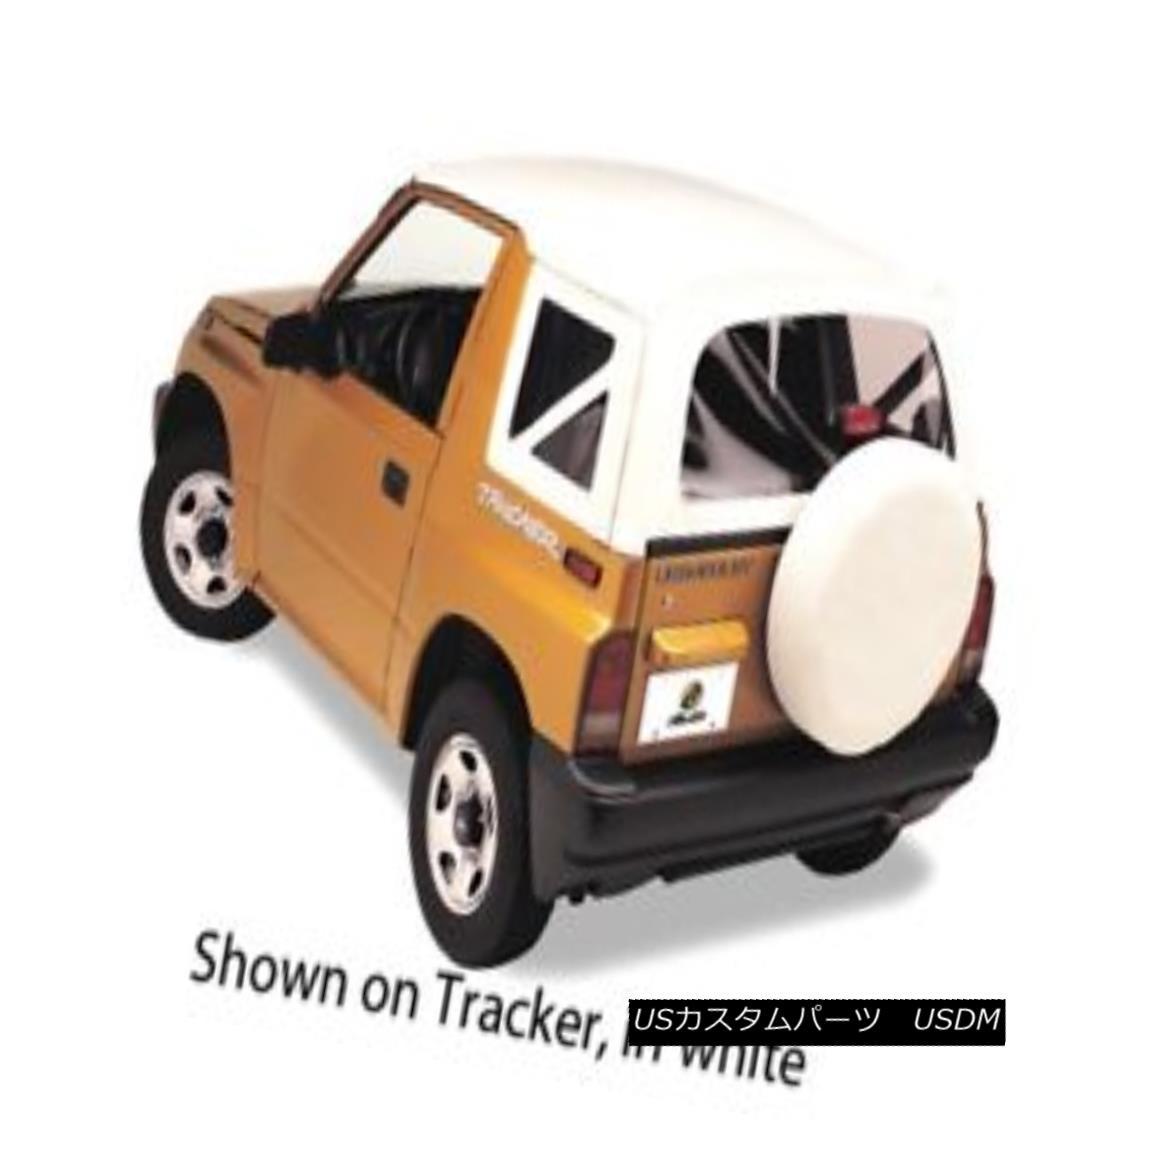 幌・ソフトトップ Bestop 51362-52 Tracker/Sidekick Replace-a-Top Soft Top White Denim ベスト51362-52トラッカー/サイドキー ck交換トップソフトトップデニム